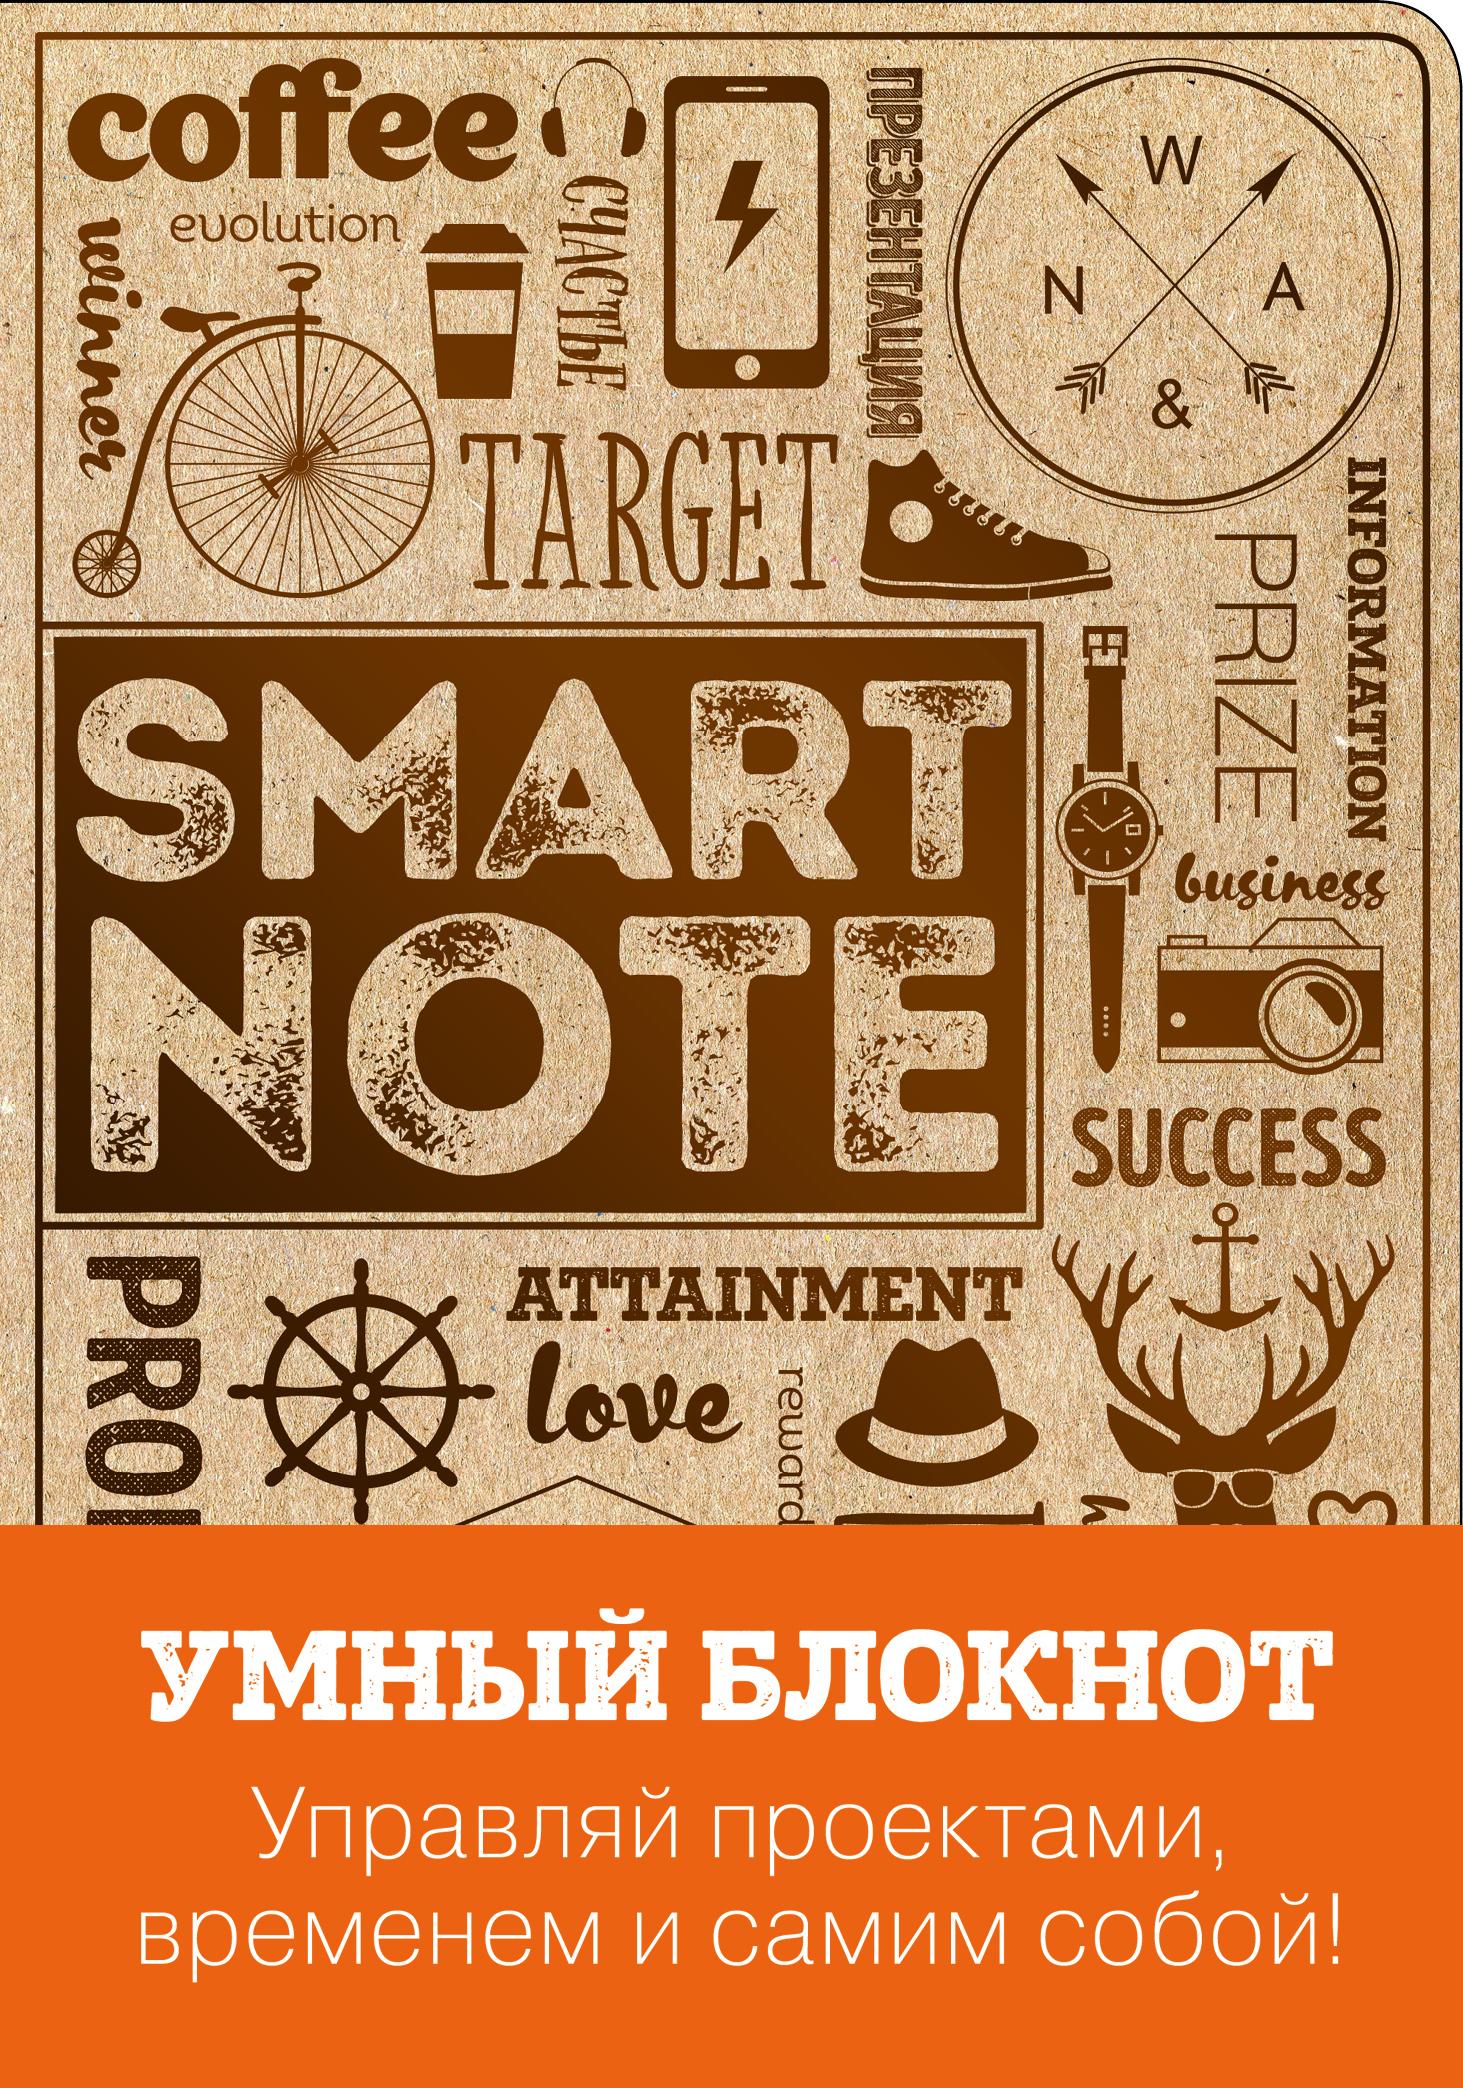 Smartnote дмитрий калинский 20 техник работы с подсознанием судьба и я